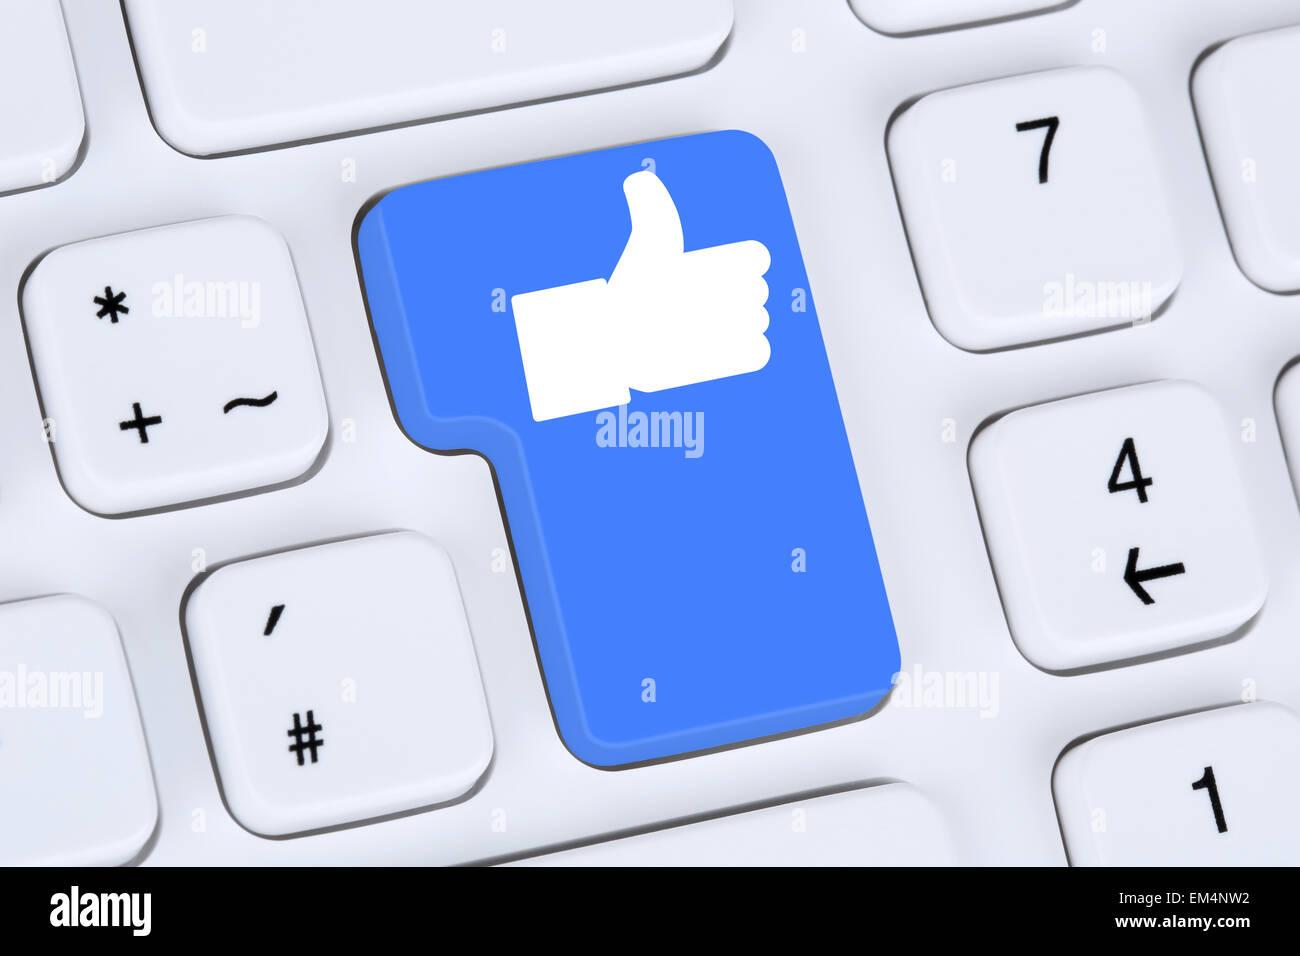 Comme l'icône bouton thumb up symbole social media ou réseau sur internet computer keyboard Banque D'Images